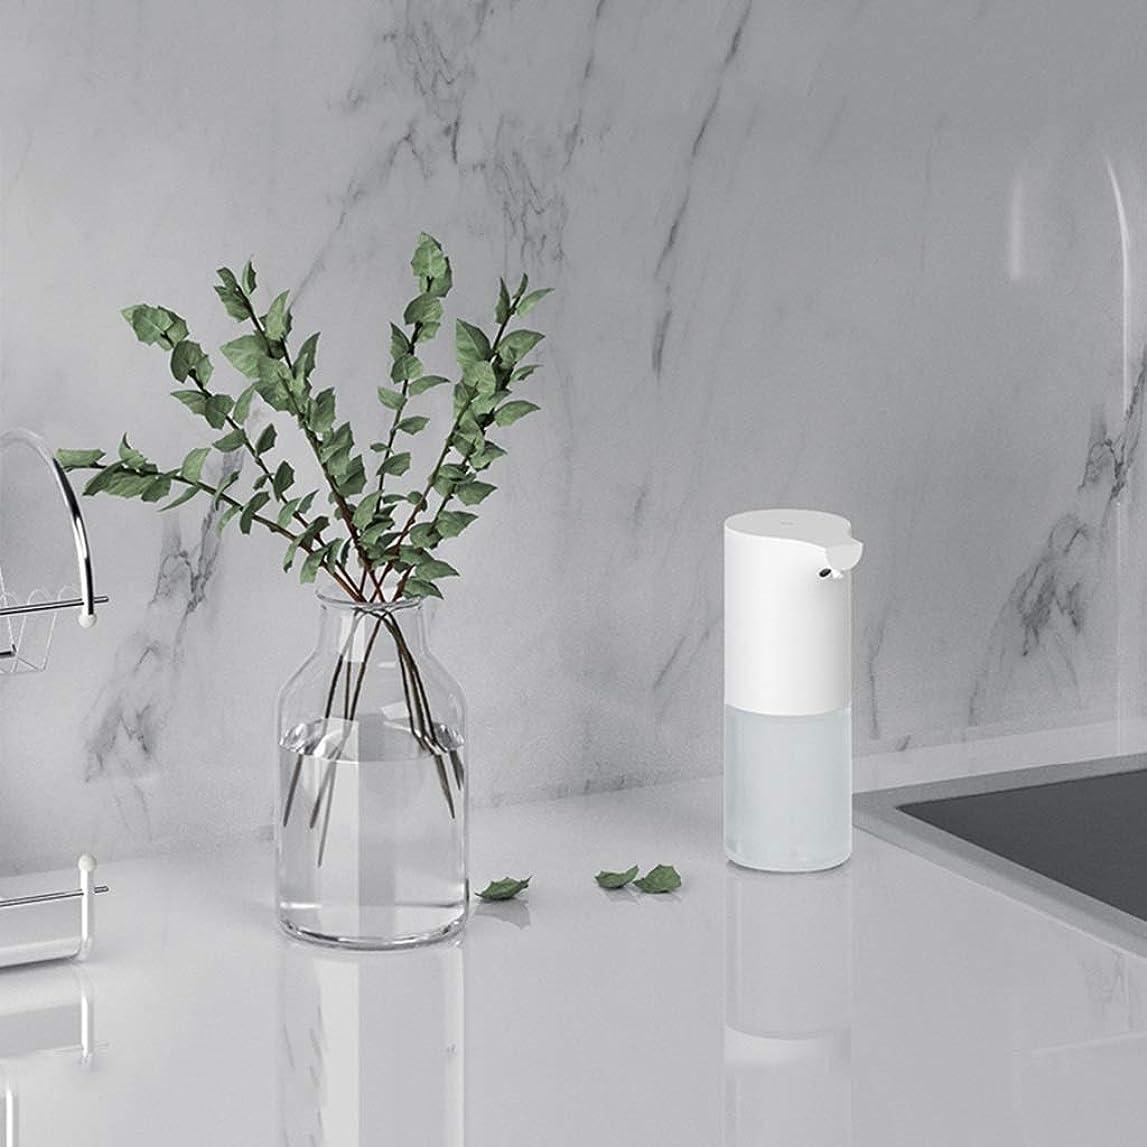 ヘクタール同意服赤外線センサー泡手消毒剤320ミリリットル環境保護素材石鹸ボトルキッチンバスルームローション(色:白、サイズ:19 * 9.8 * 7.3 cm) (Color : White, Size : 19*9.8*7.3cm)